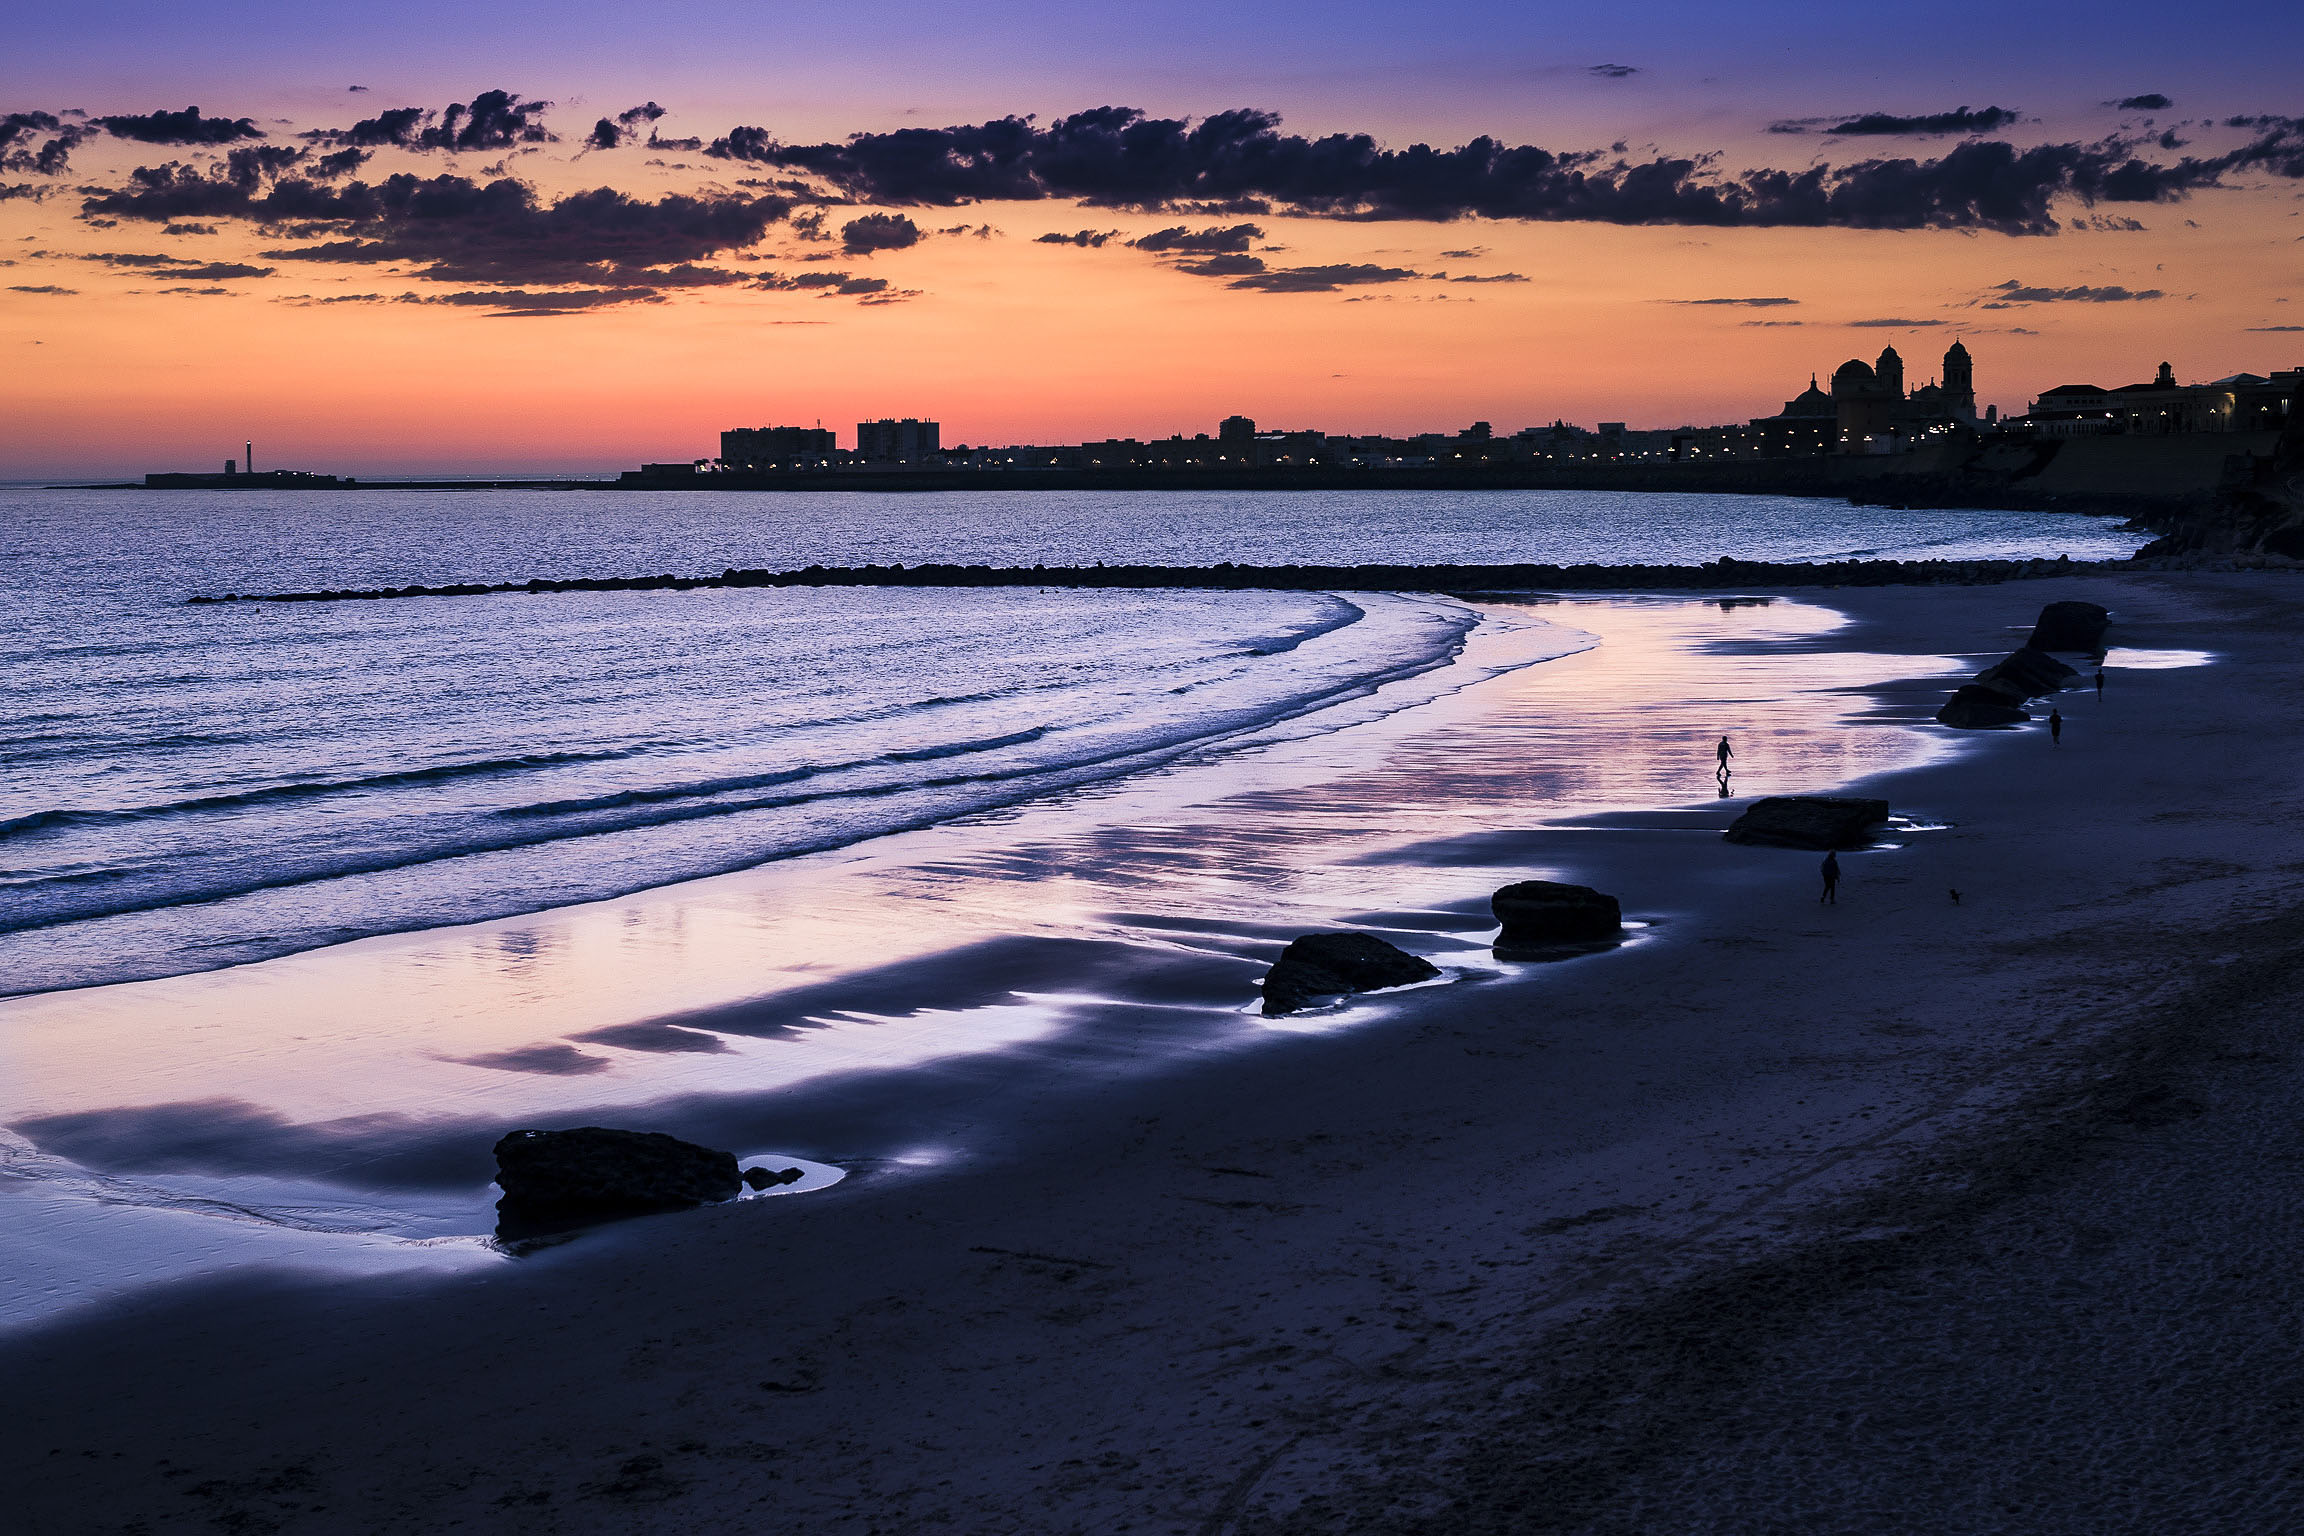 Turismo ayuntamiento de c diz playa de santa mar a del mar for Oficina de turismo en cadiz